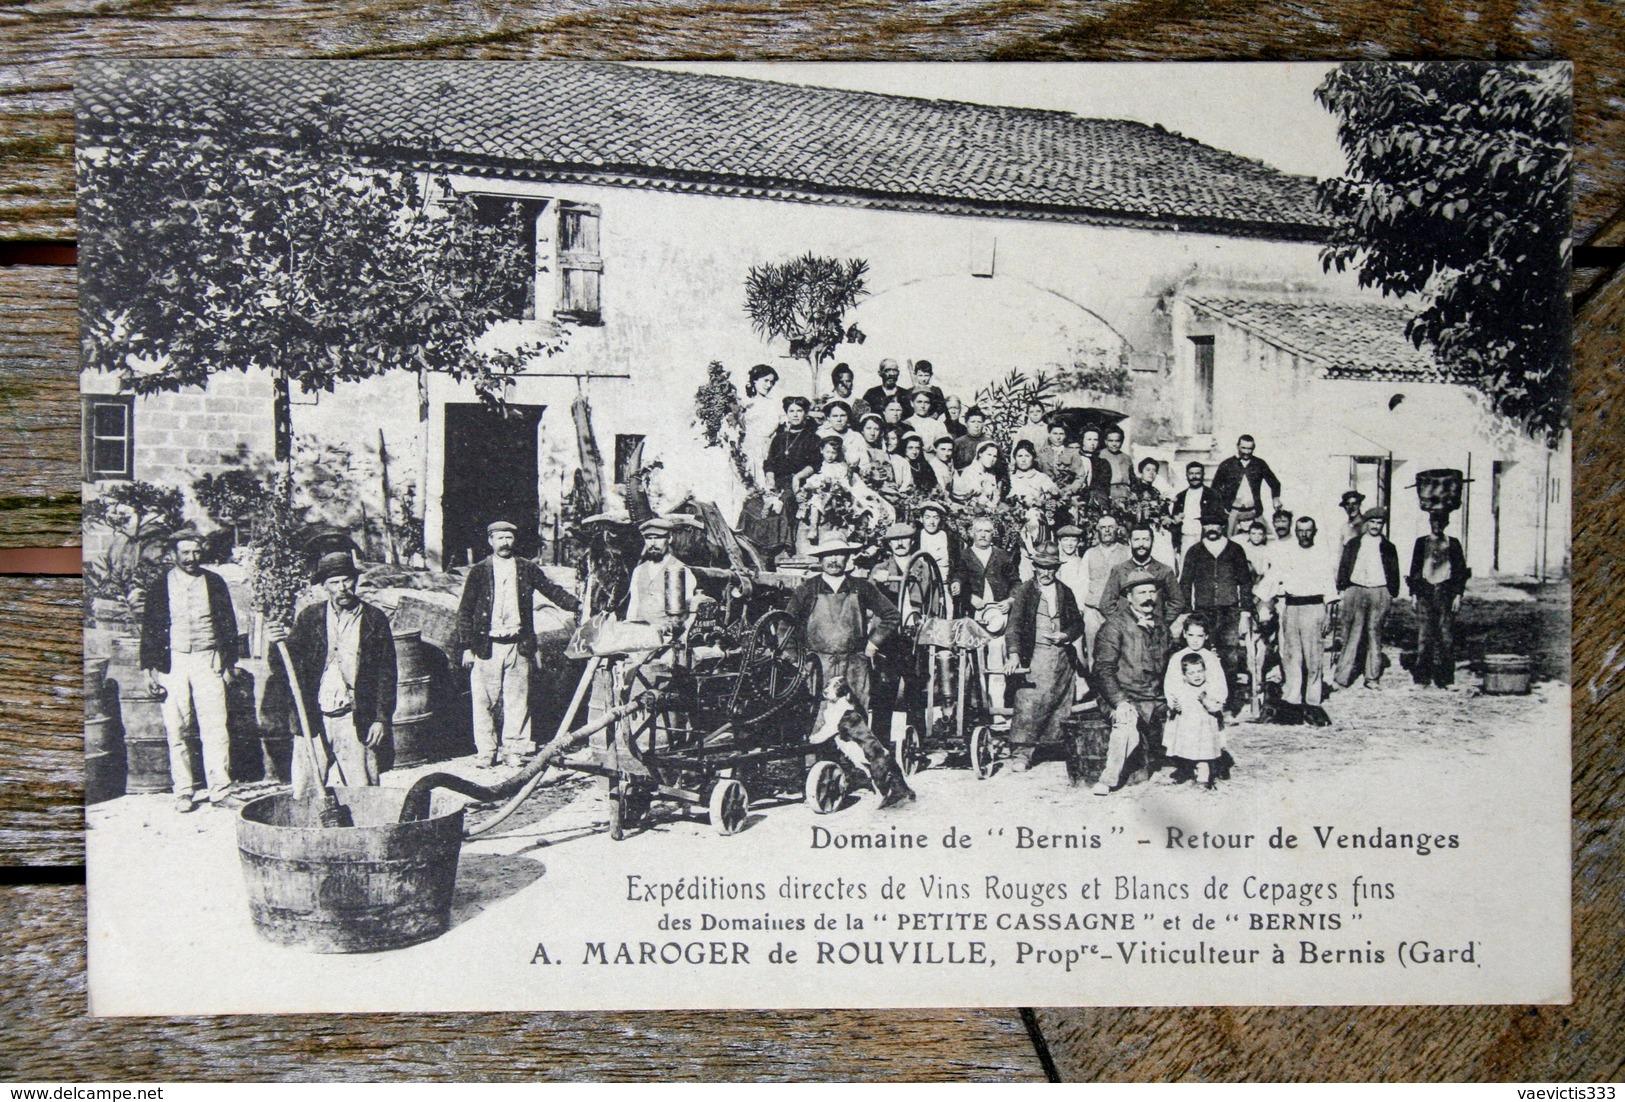 1750 CPA 30 BERNIS DOMAINES PETITE CASSAGNE ET BERNIS RETOUR DE VENDANGES  1910 M63 - France